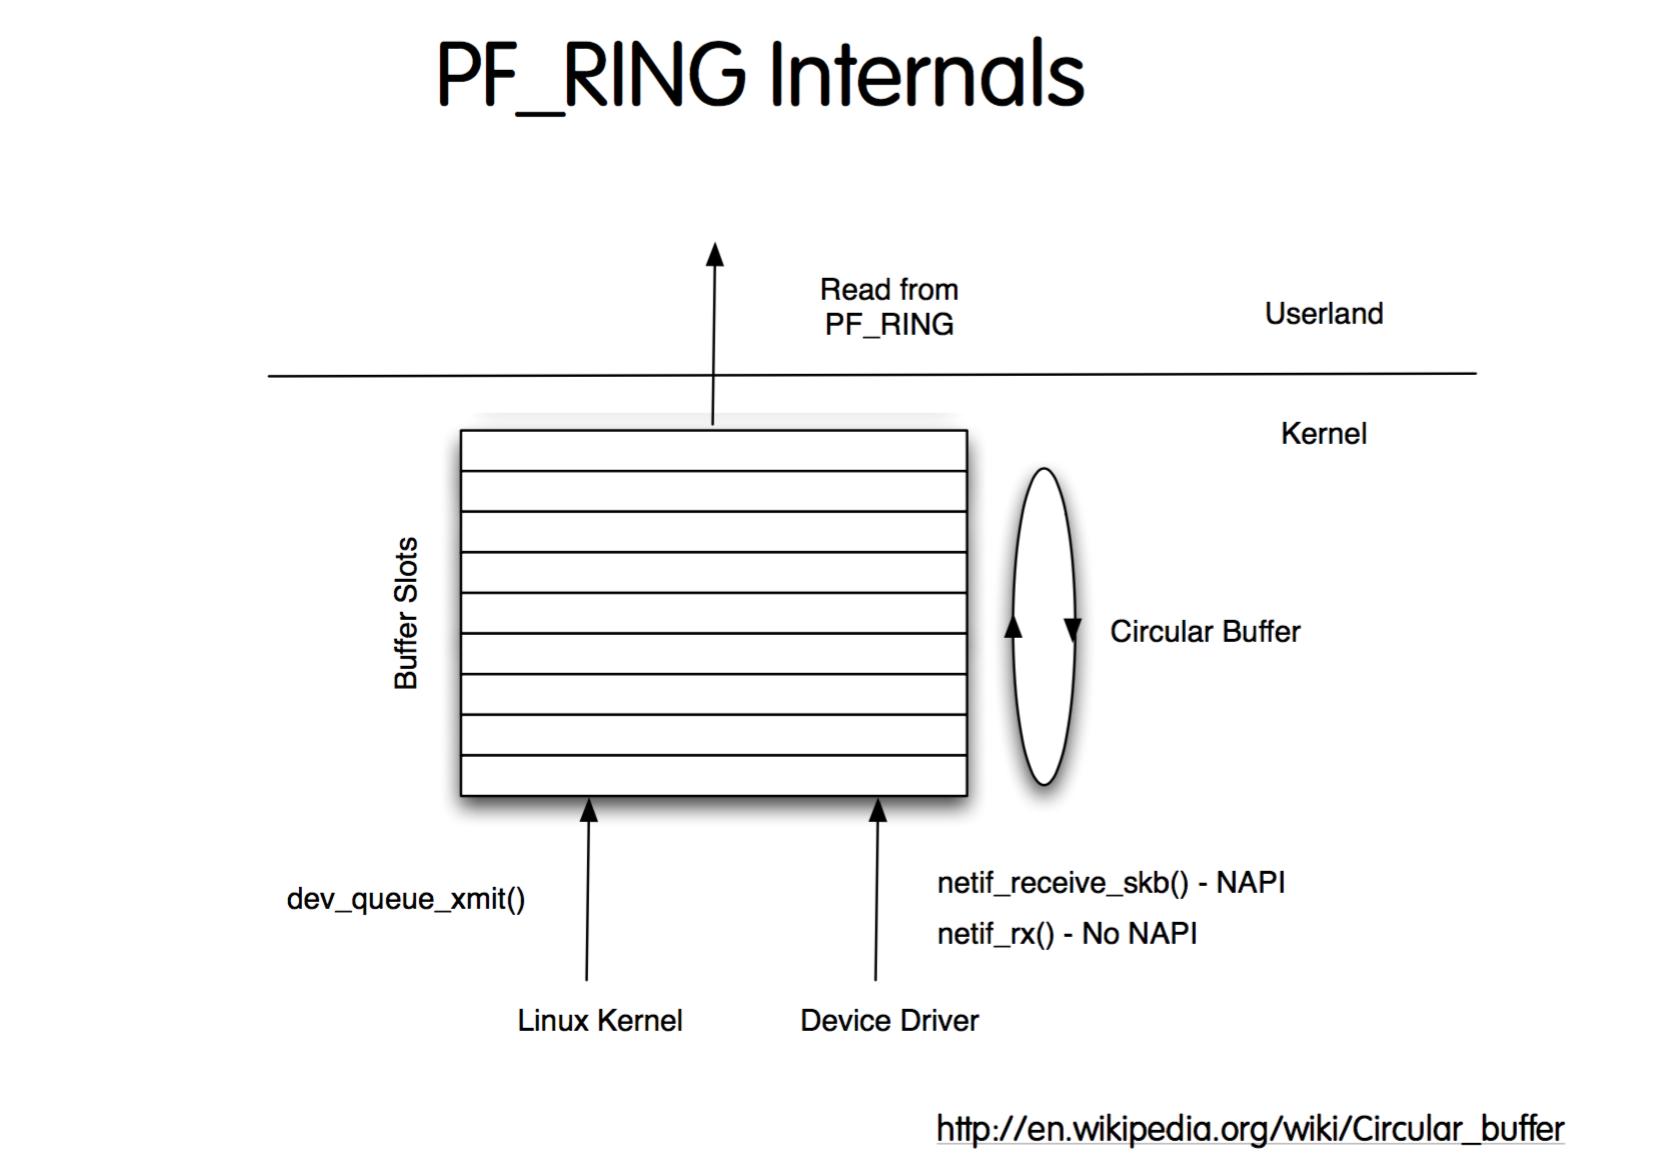 PF_RING Internals